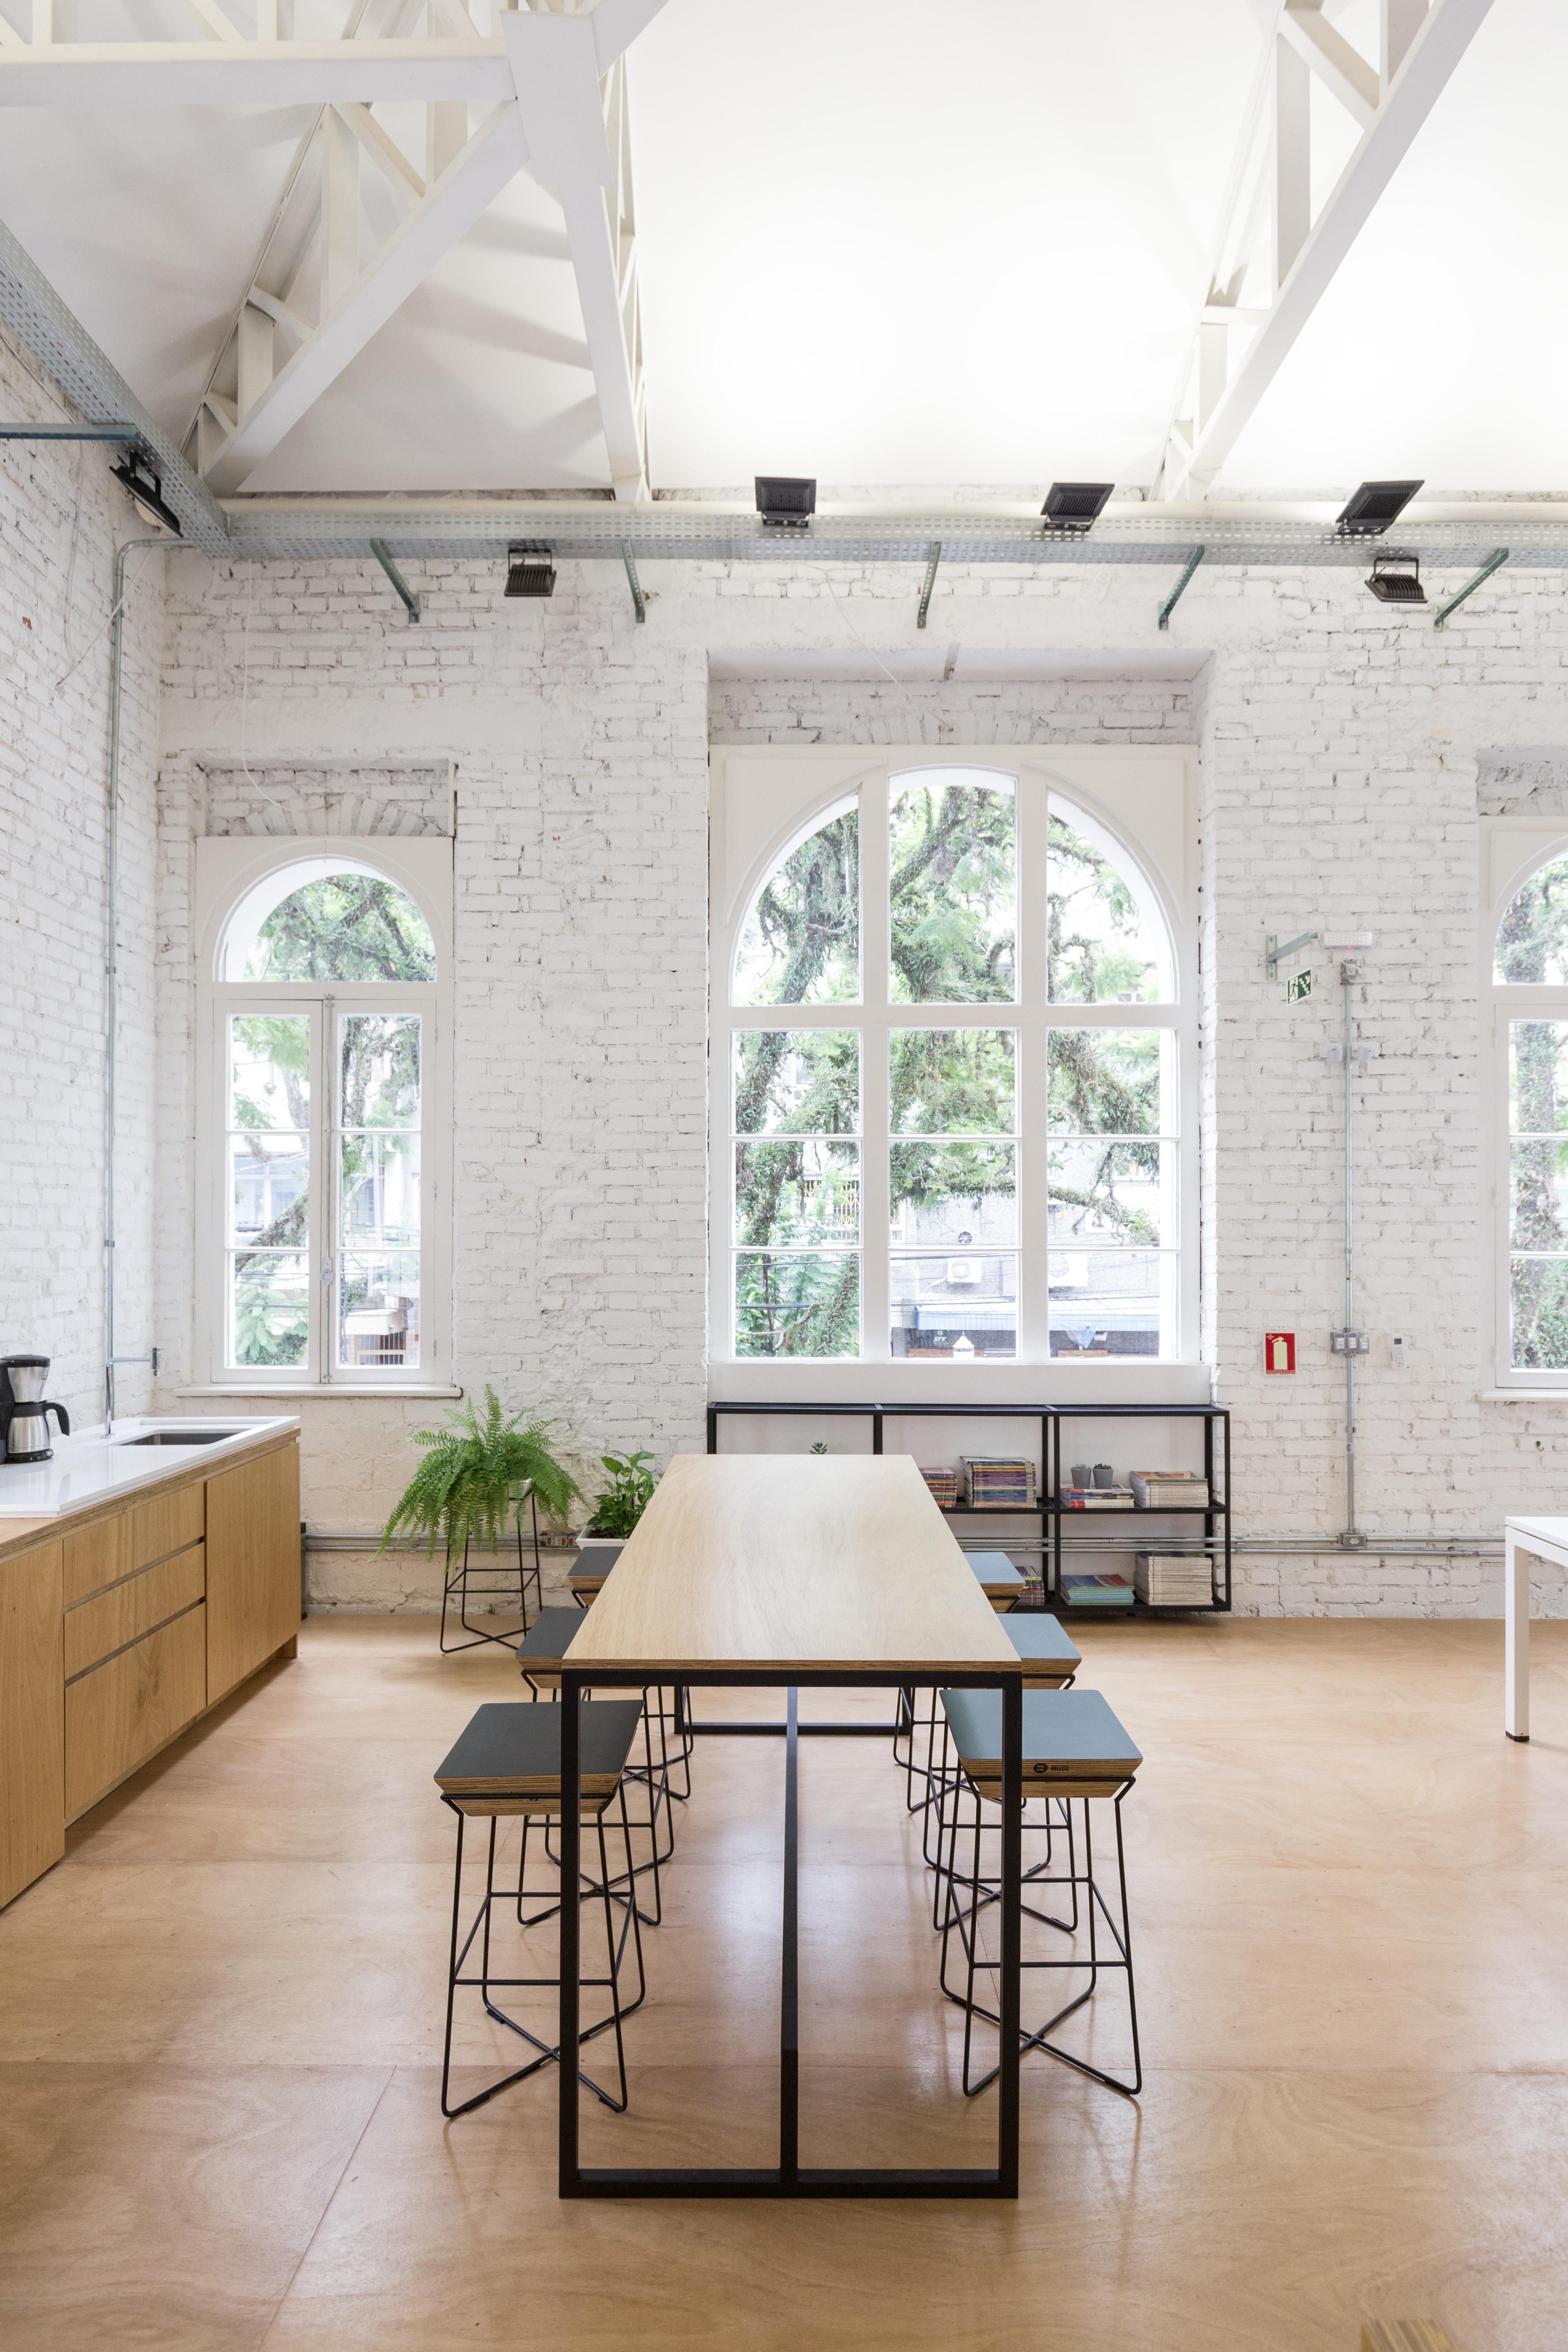 Republica 358 - Office kitchen